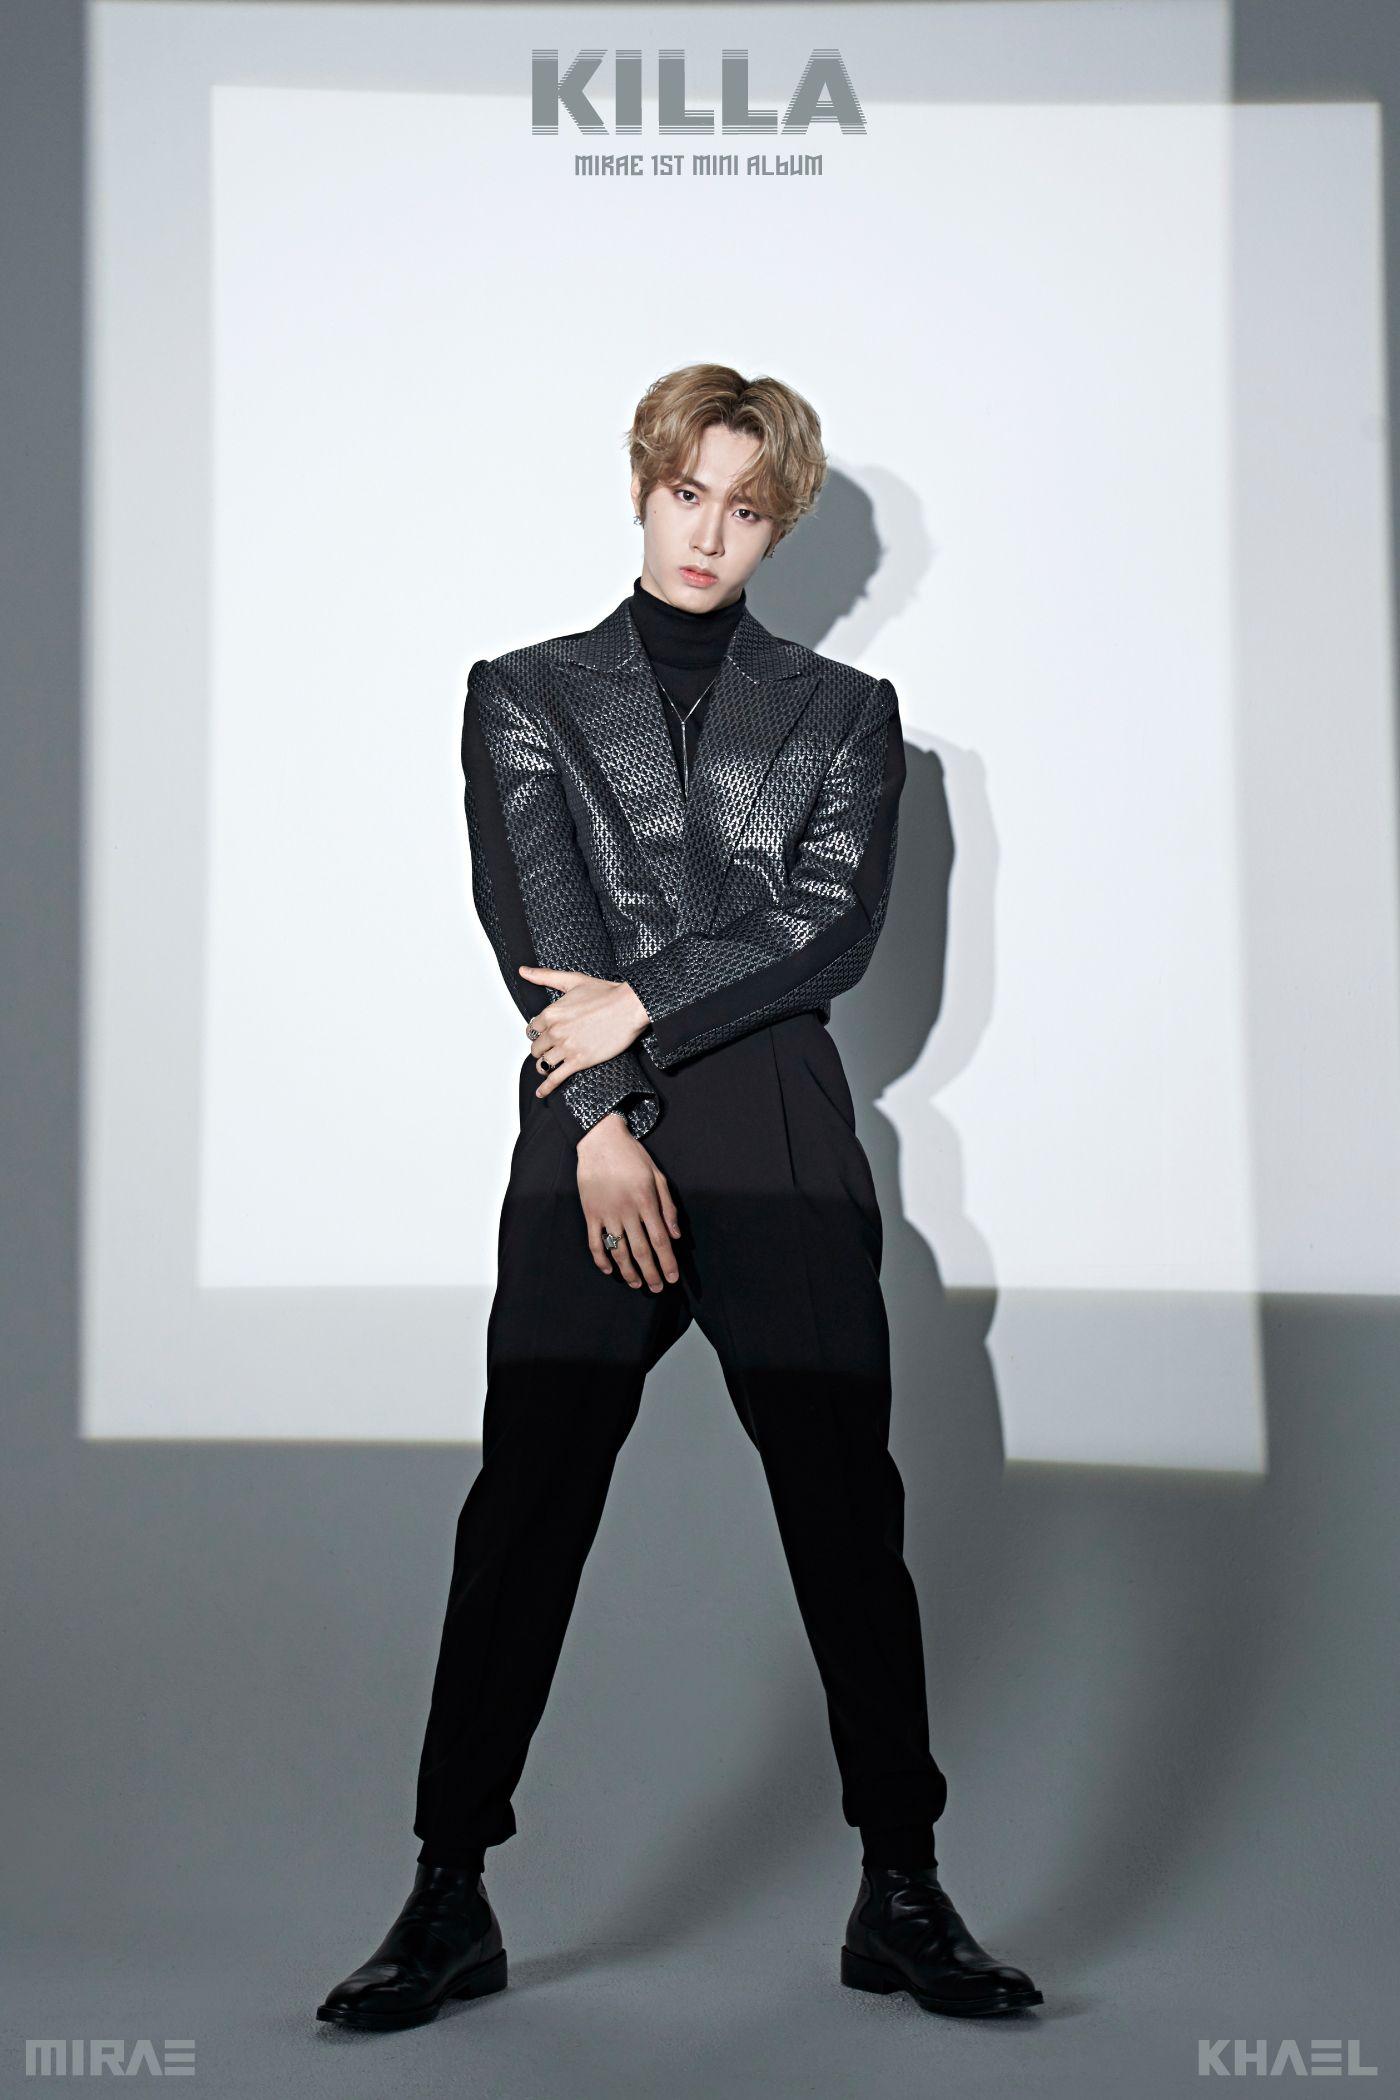 미래소년 (MIRAE) OFFICIAL on Twitter in 2021 | Lee sung min, Mini albums, Kpop  profiles